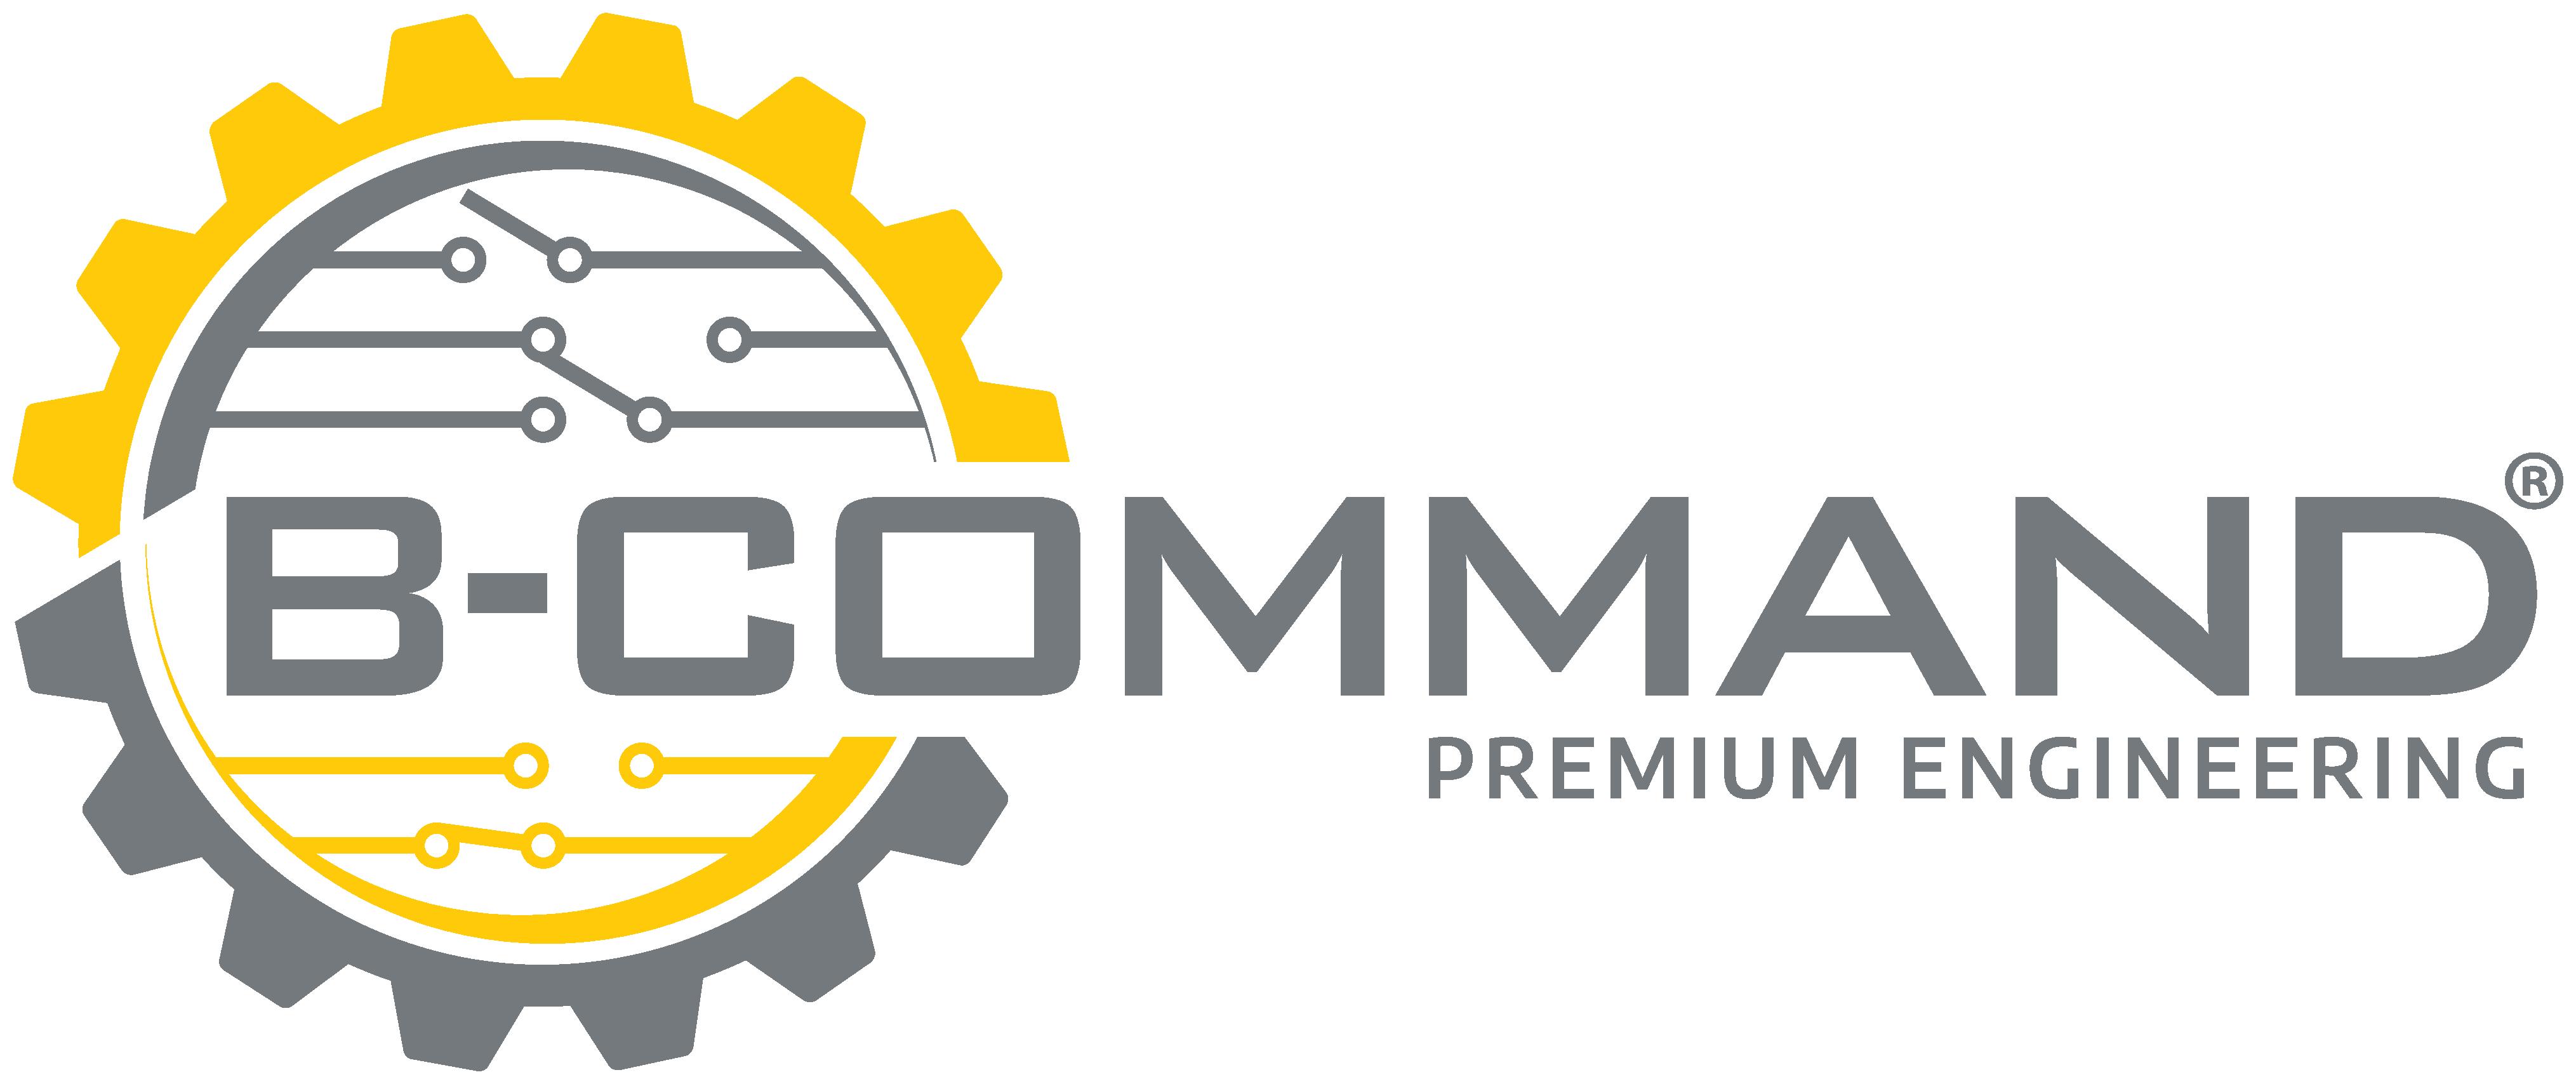 B-COMMAND